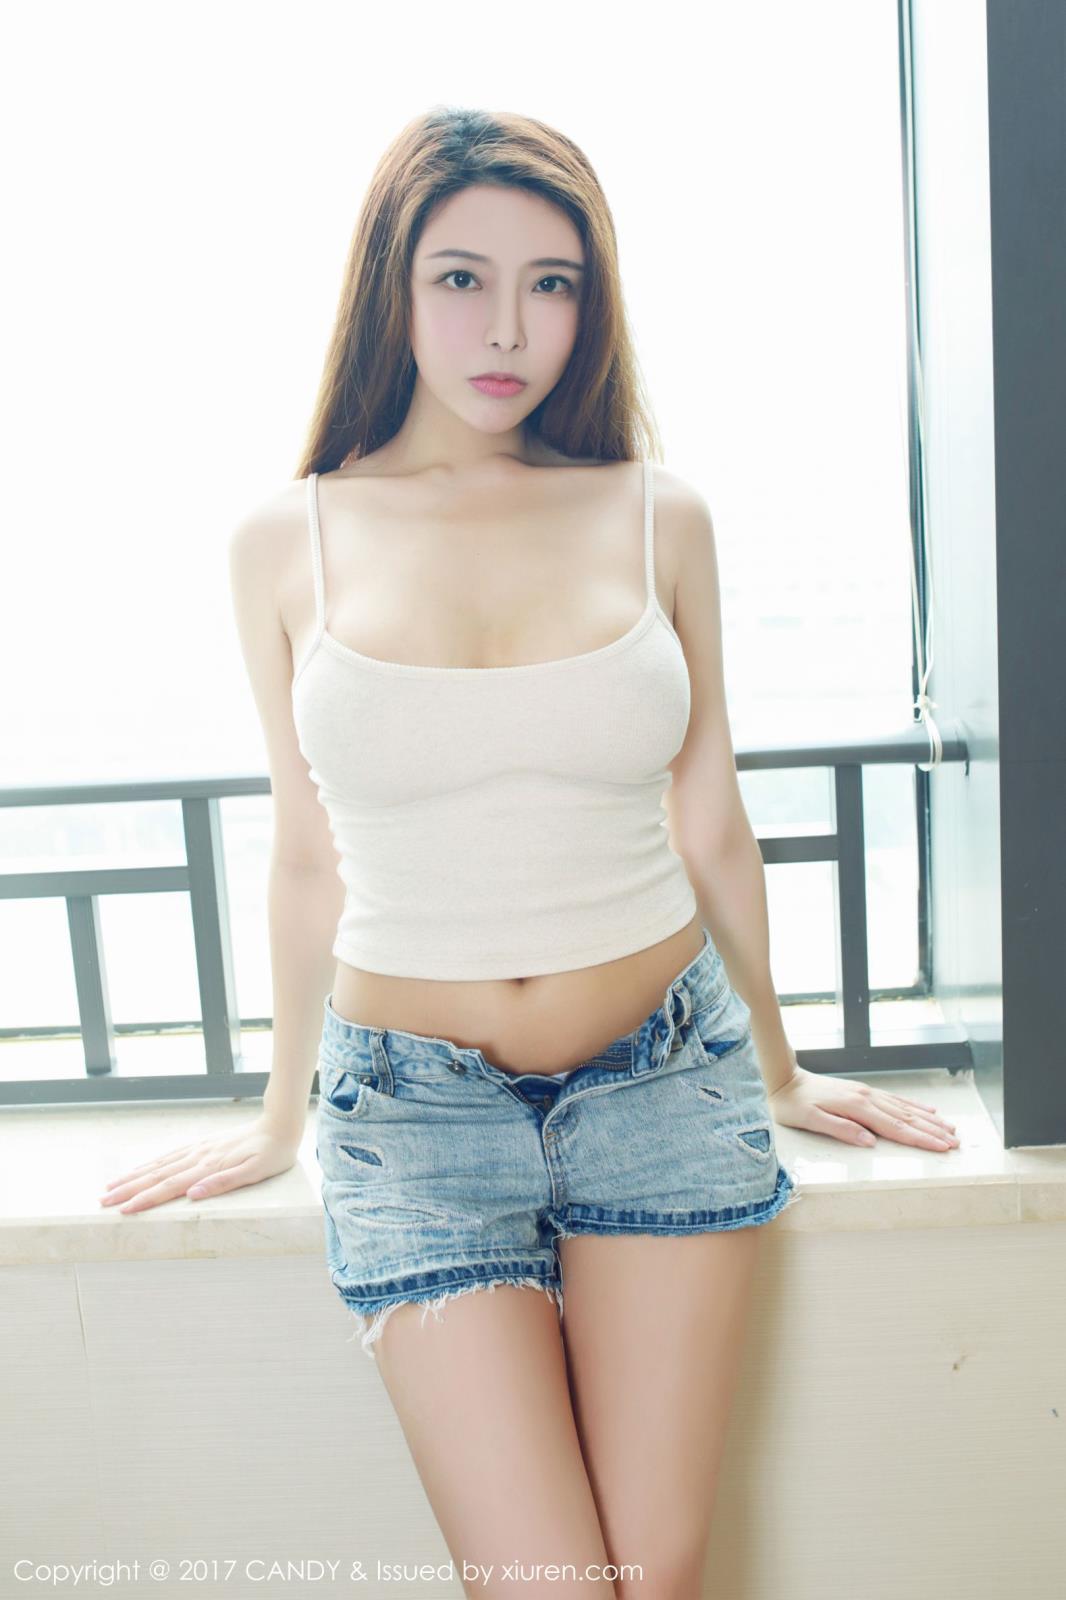 美胸大尺度美腿热裤私房照美女模特糖果画报-[夏小秋]超高清写真图片|1620066687更新